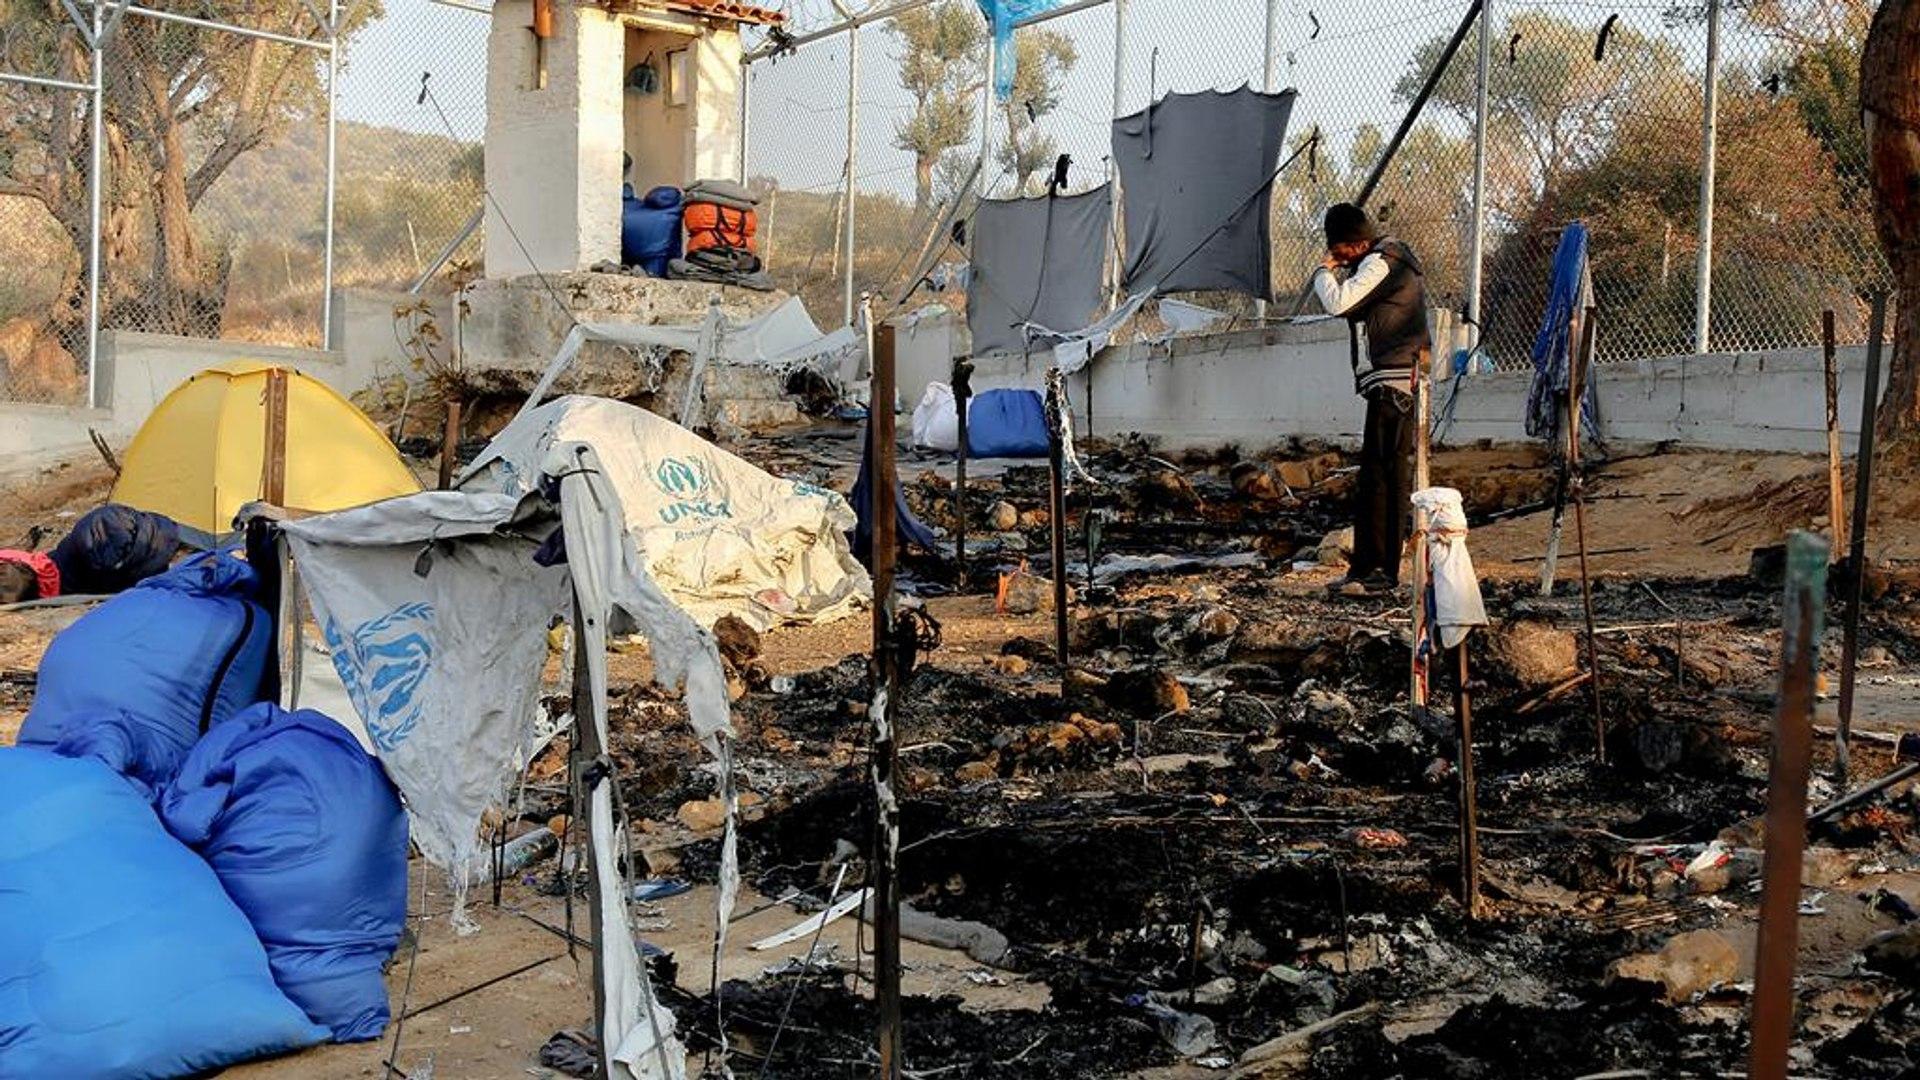 Grécia: Morte de dois refugiados inflama protestos no campo de Moria